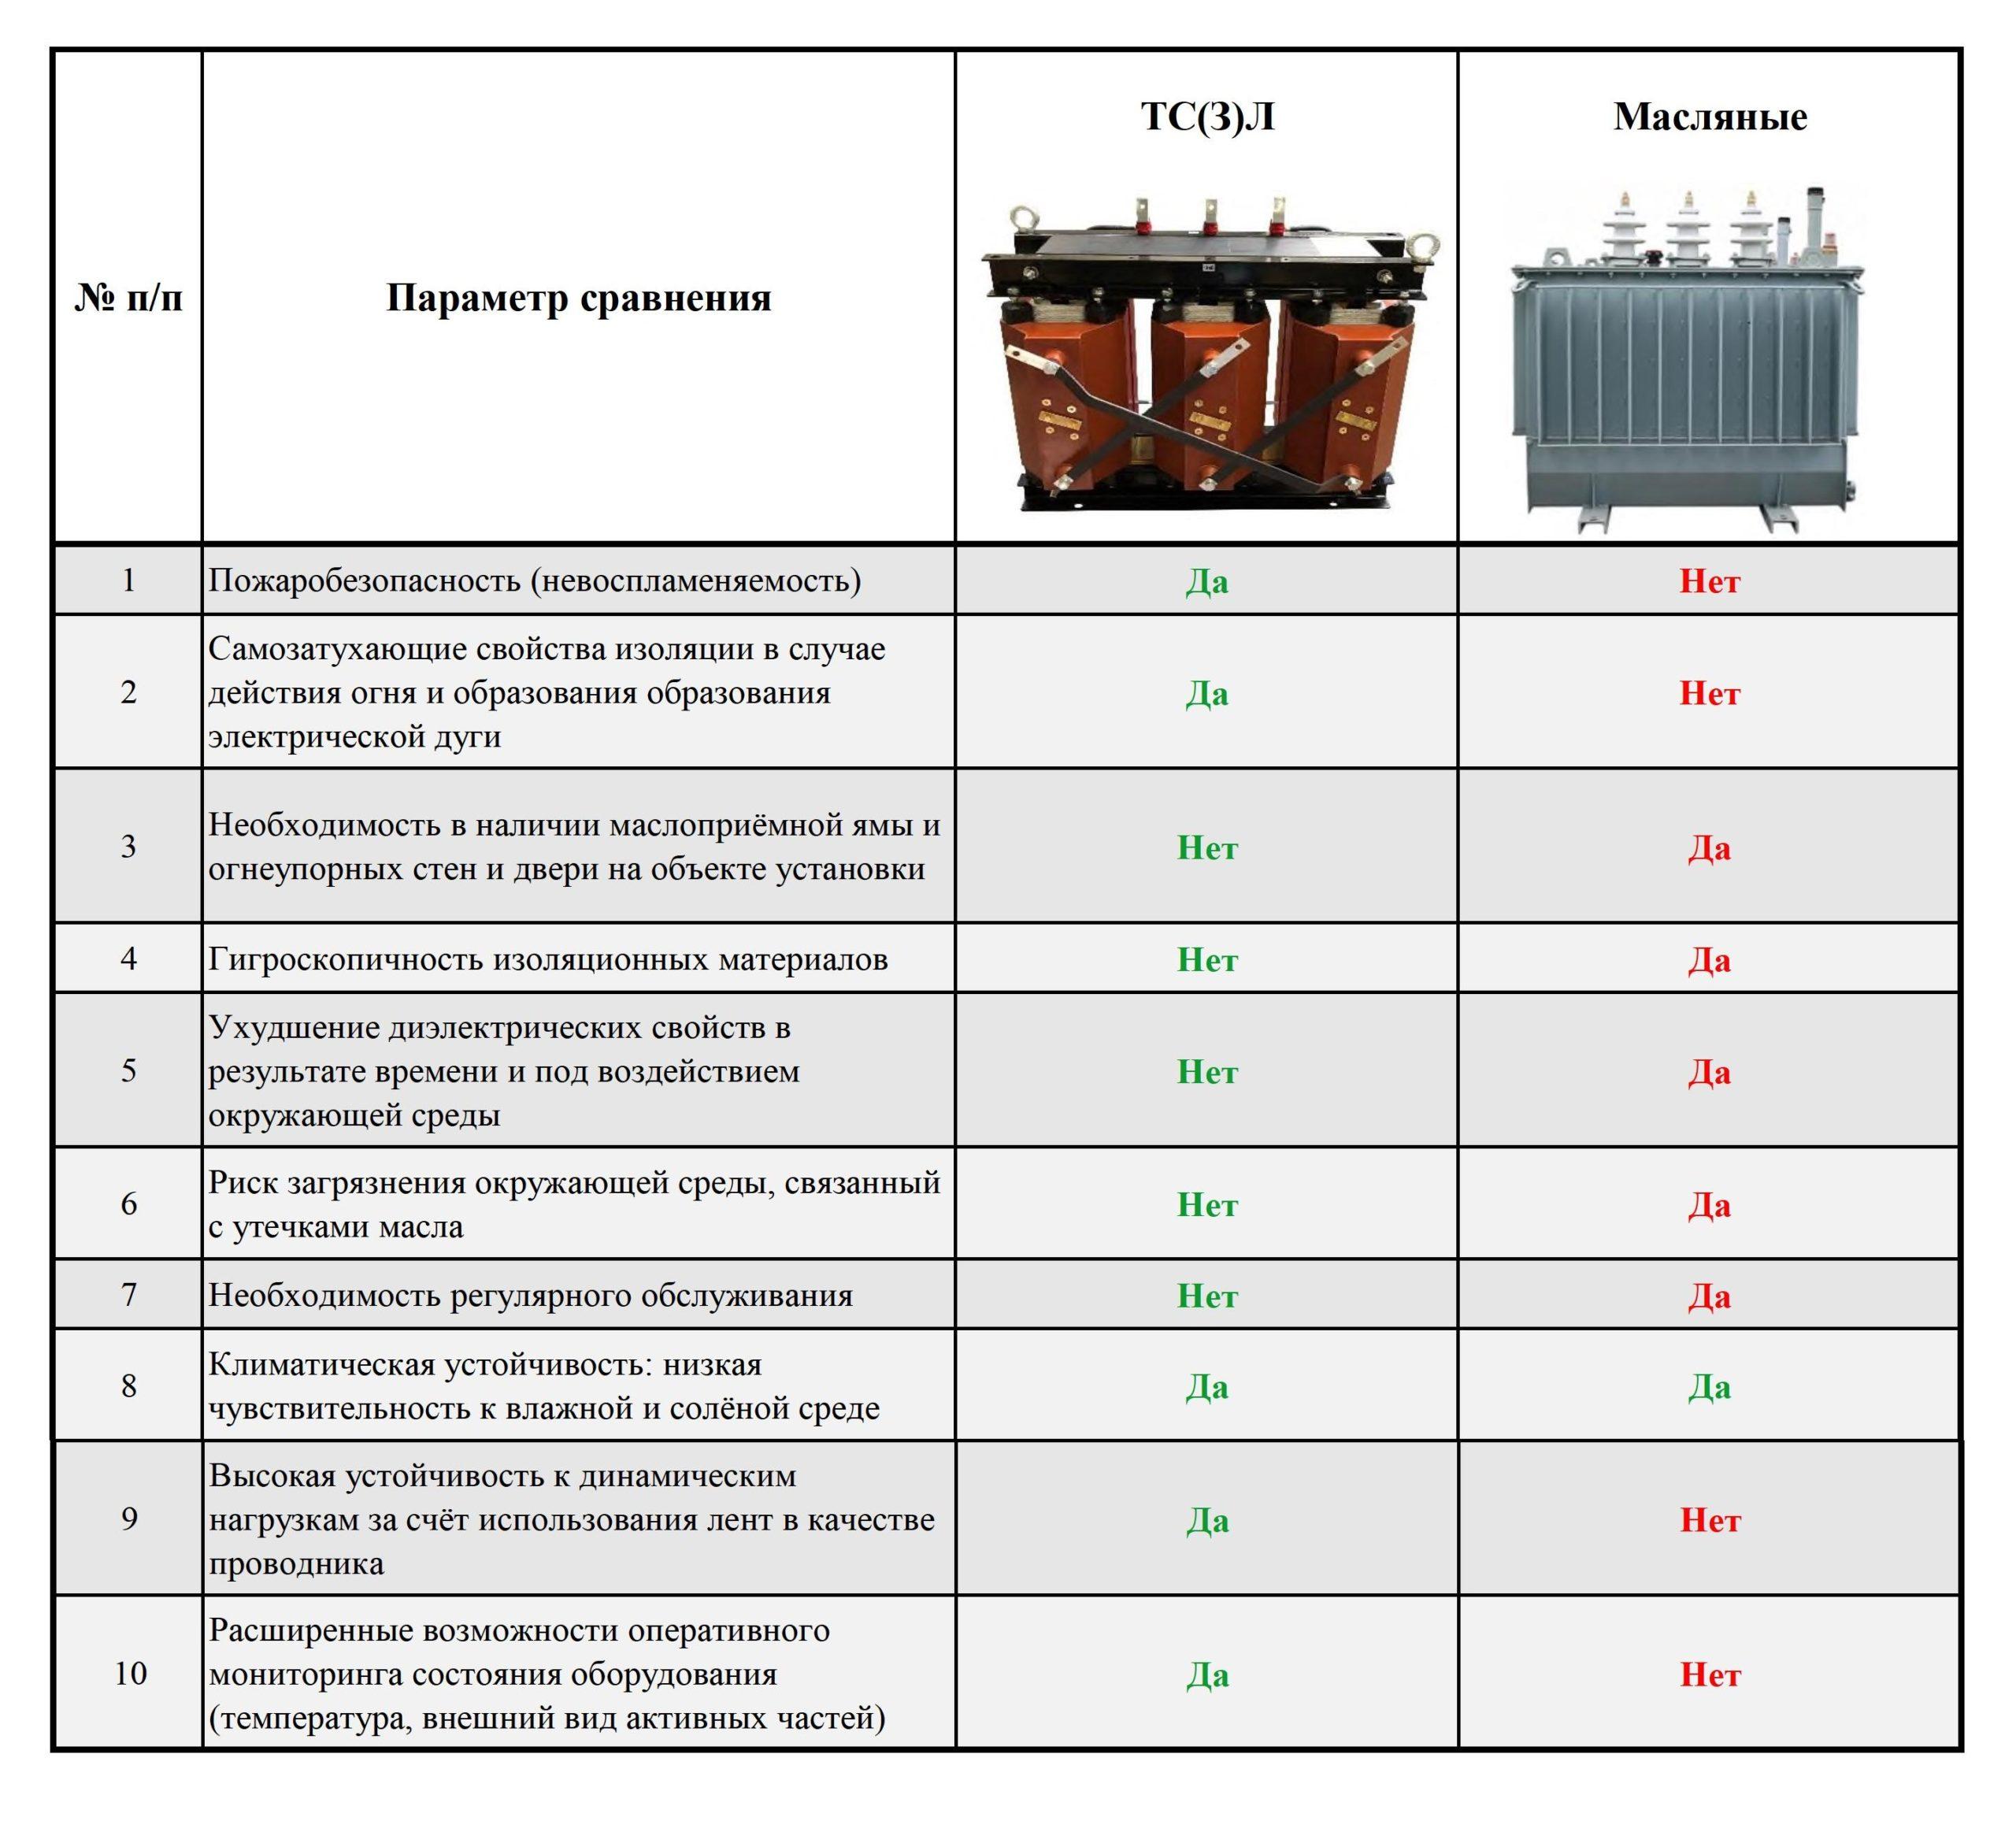 сравнение ТС(З)Л с масляными